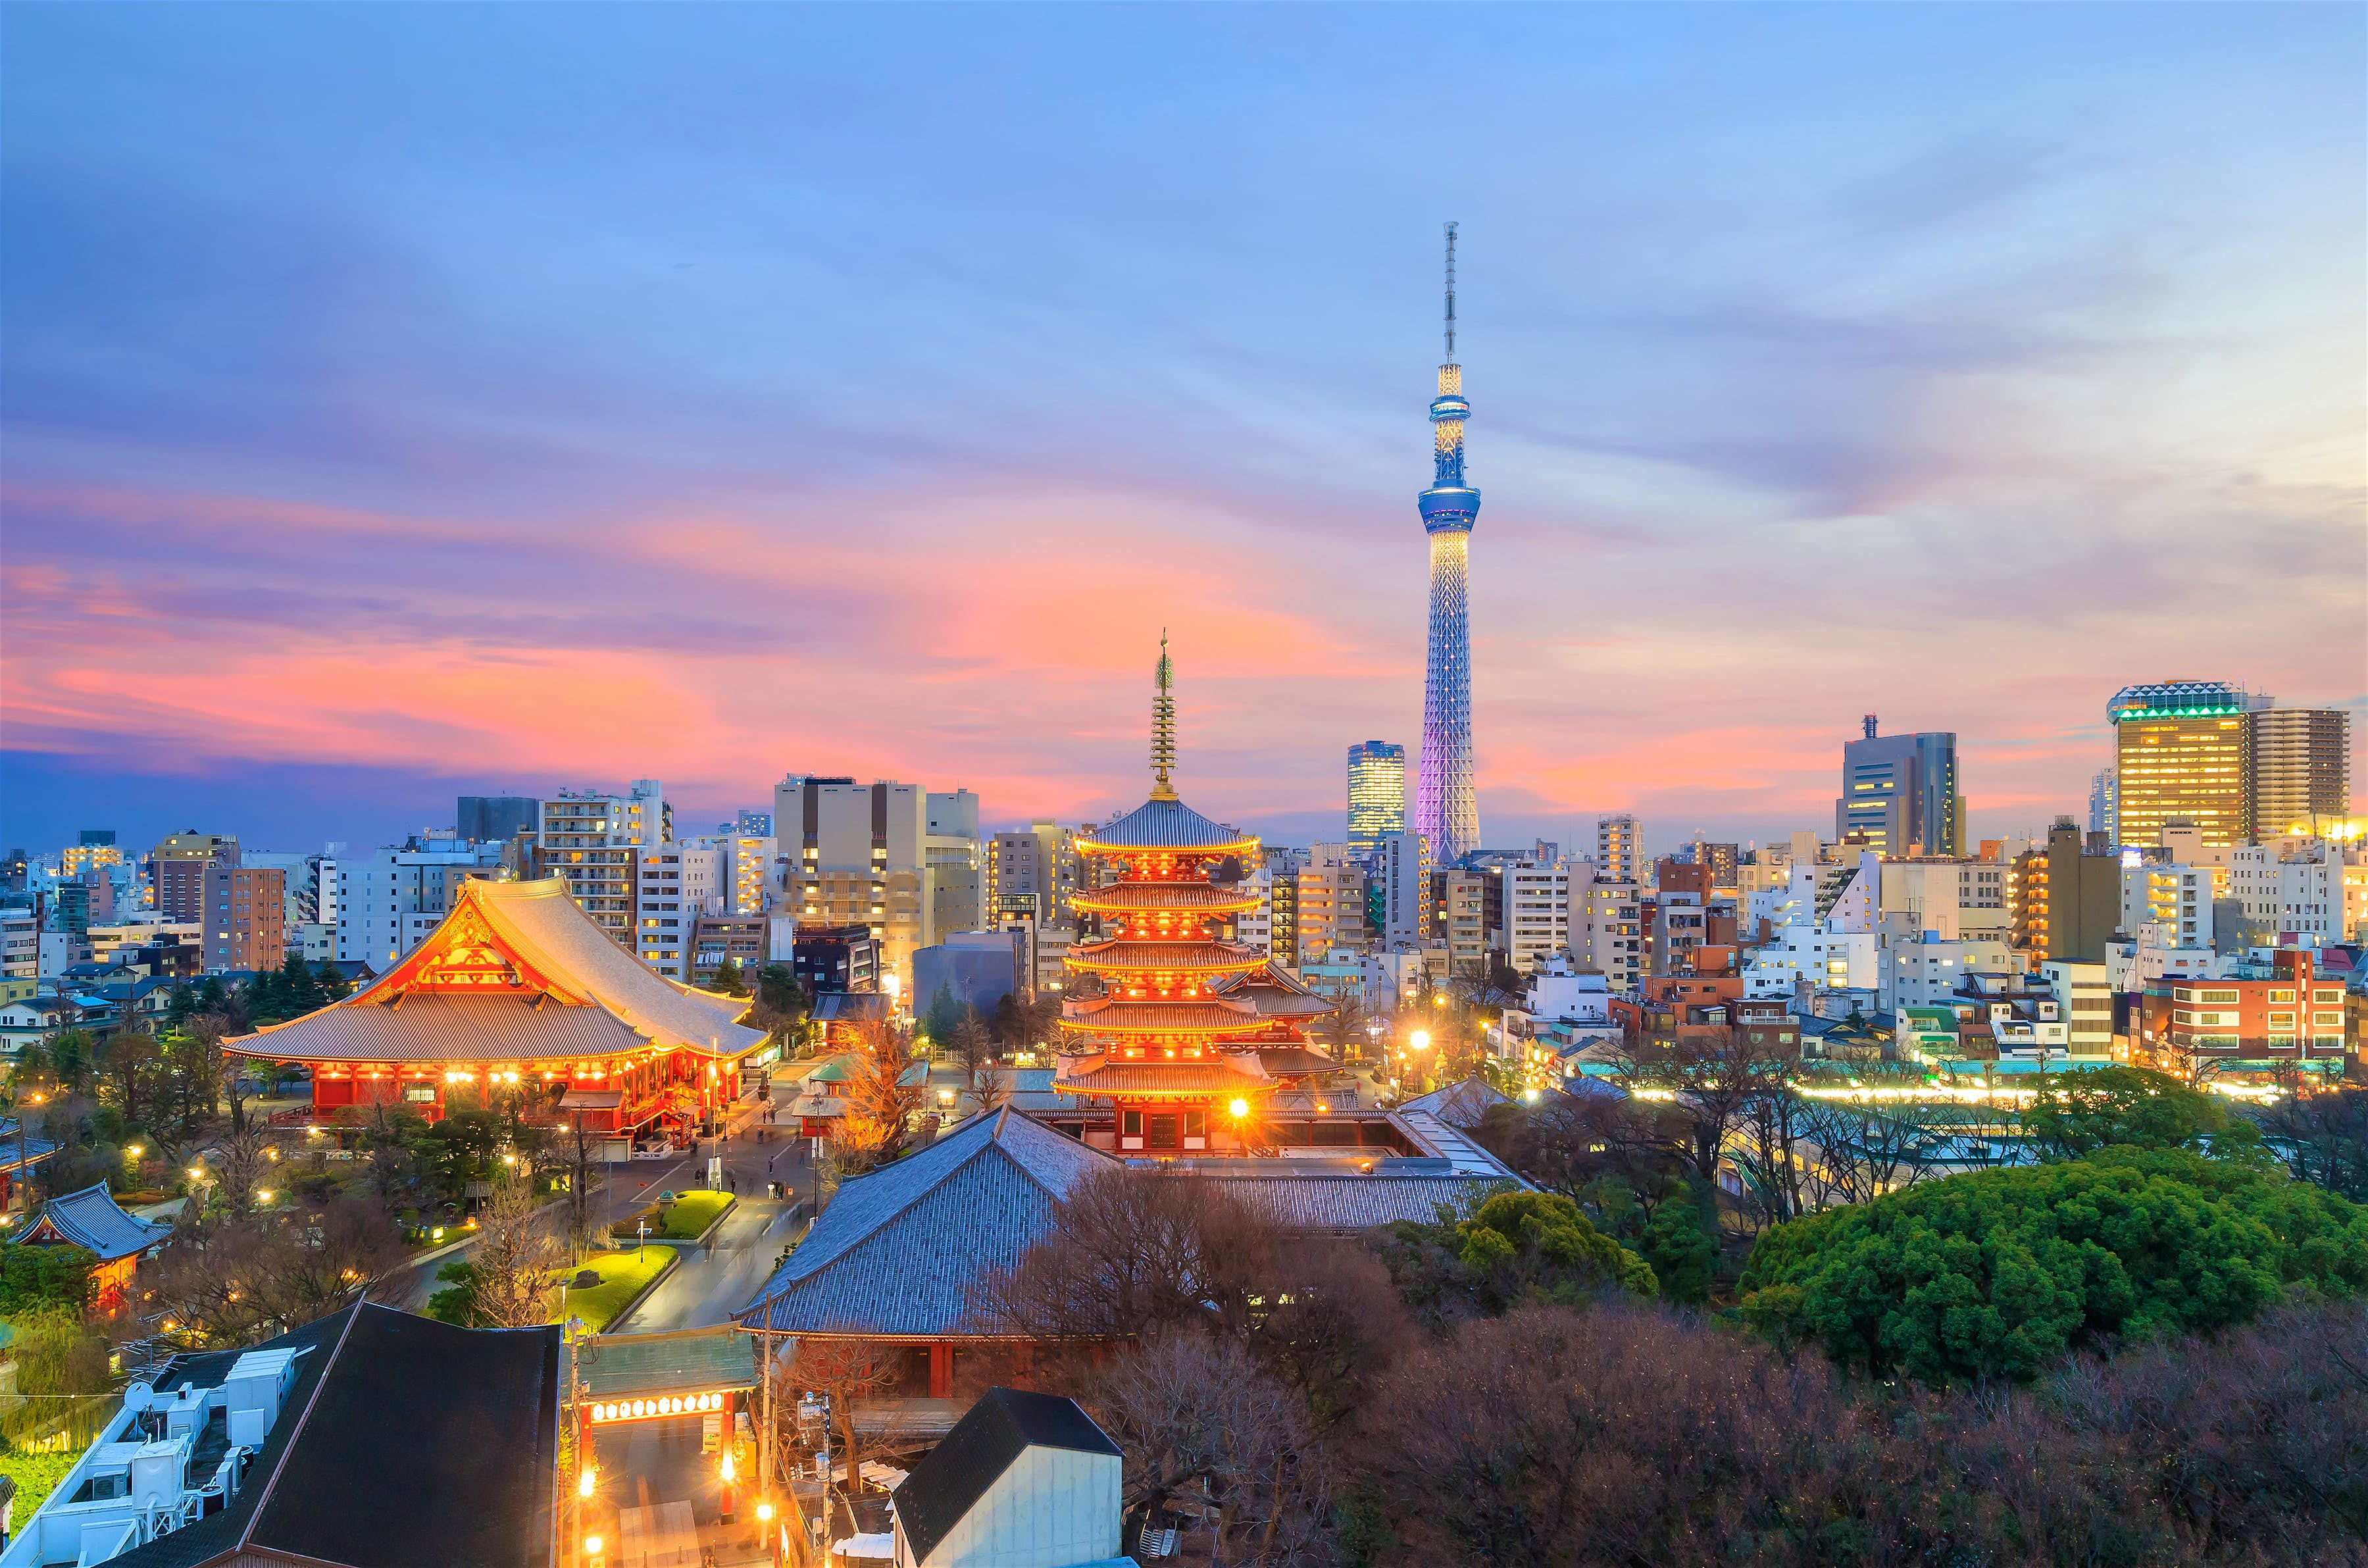 Hình ảnh thành phố lên đèn của Nhật Bản